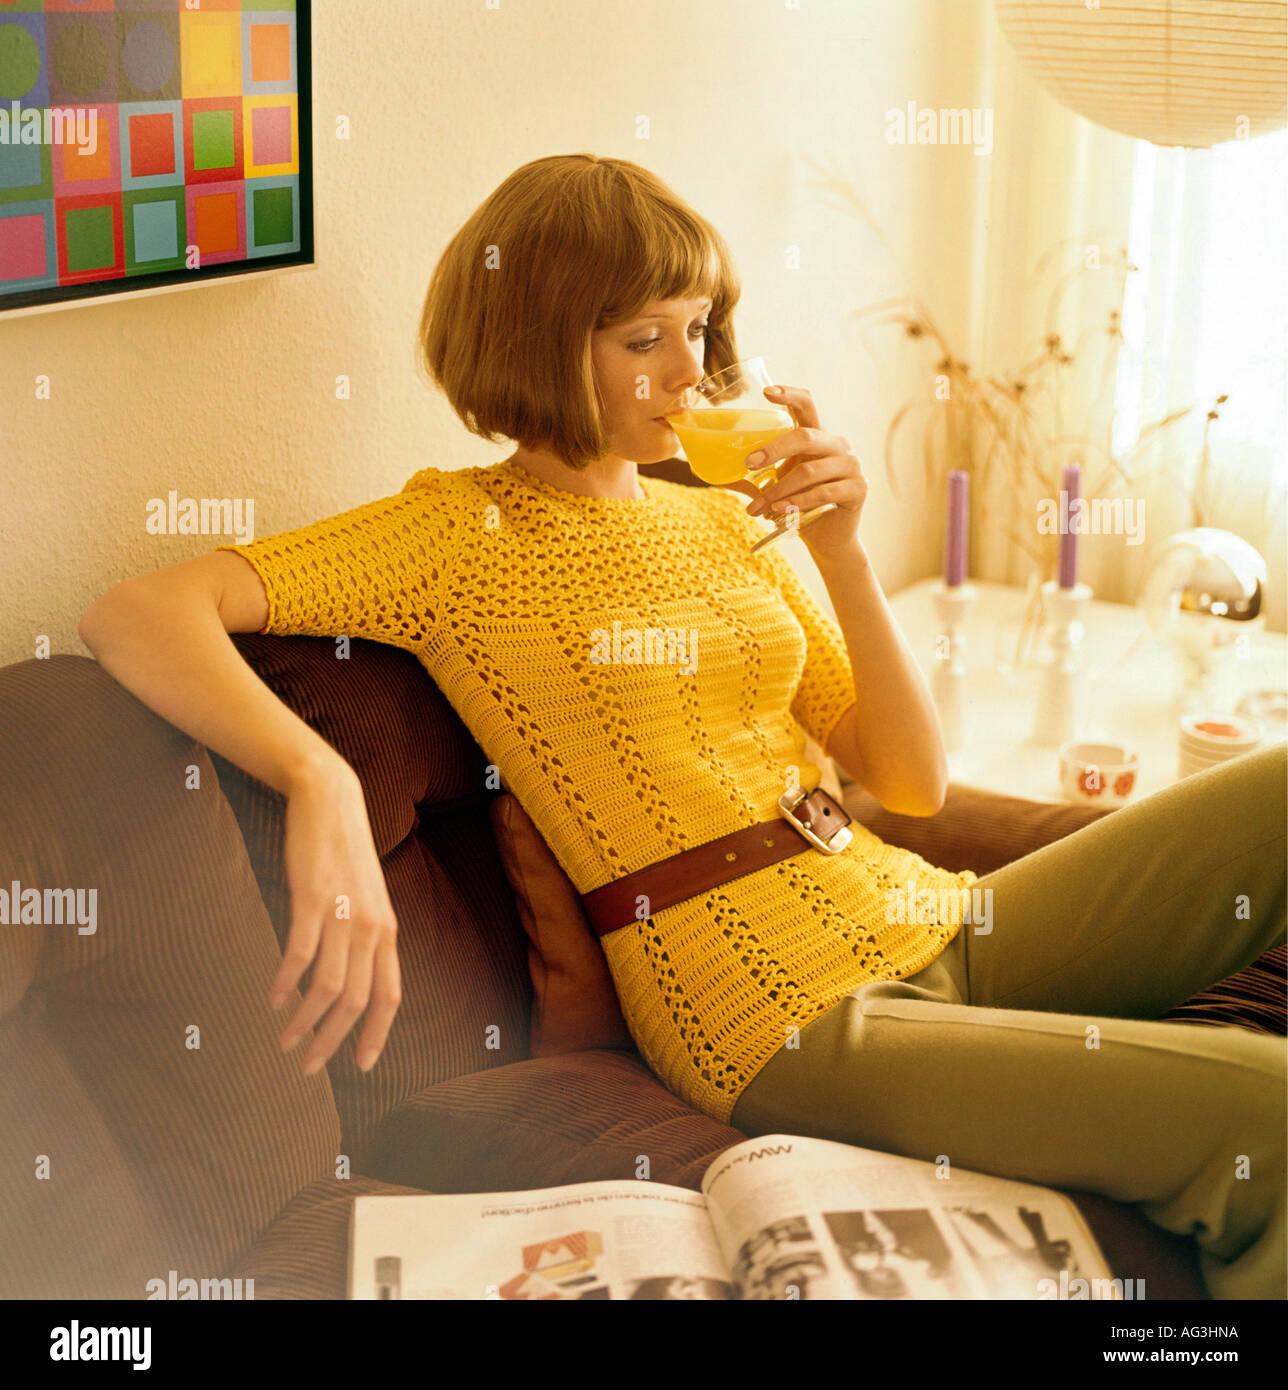 Les gens, les femmes, 1960, femme assise sur un canapé et cordon de boire le jus d'orange, demi-longueur, mode, années 60, historique, historique, pull, bonneterie, crochet, chasseur, de style 20ème siècle, femme, Additional-Rights-Jeux-NA Photo Stock